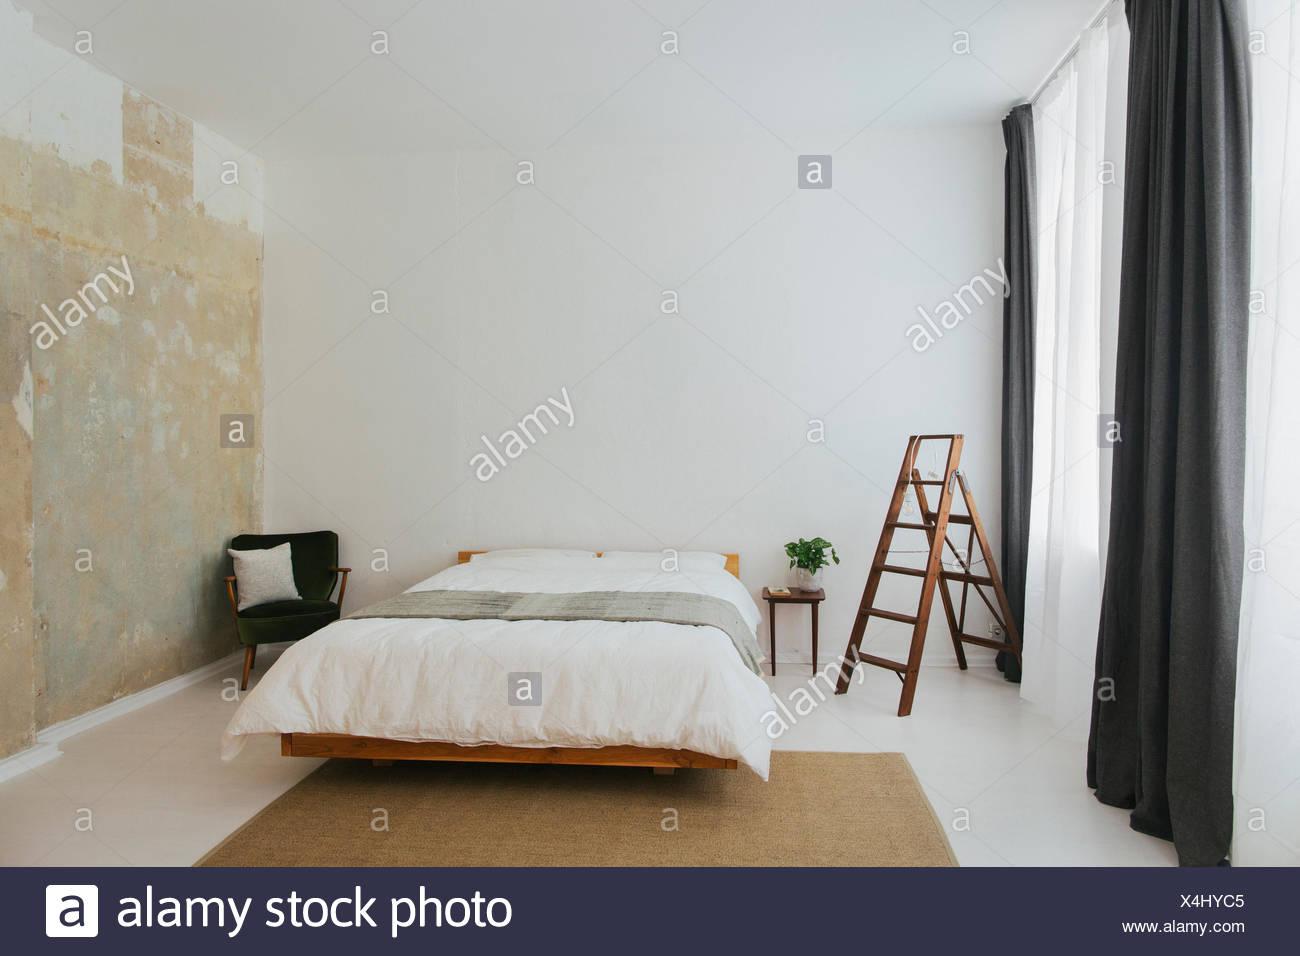 Camere Da Letto Design Minimalista : Minimalista design scandinavo camera da letto foto immagine